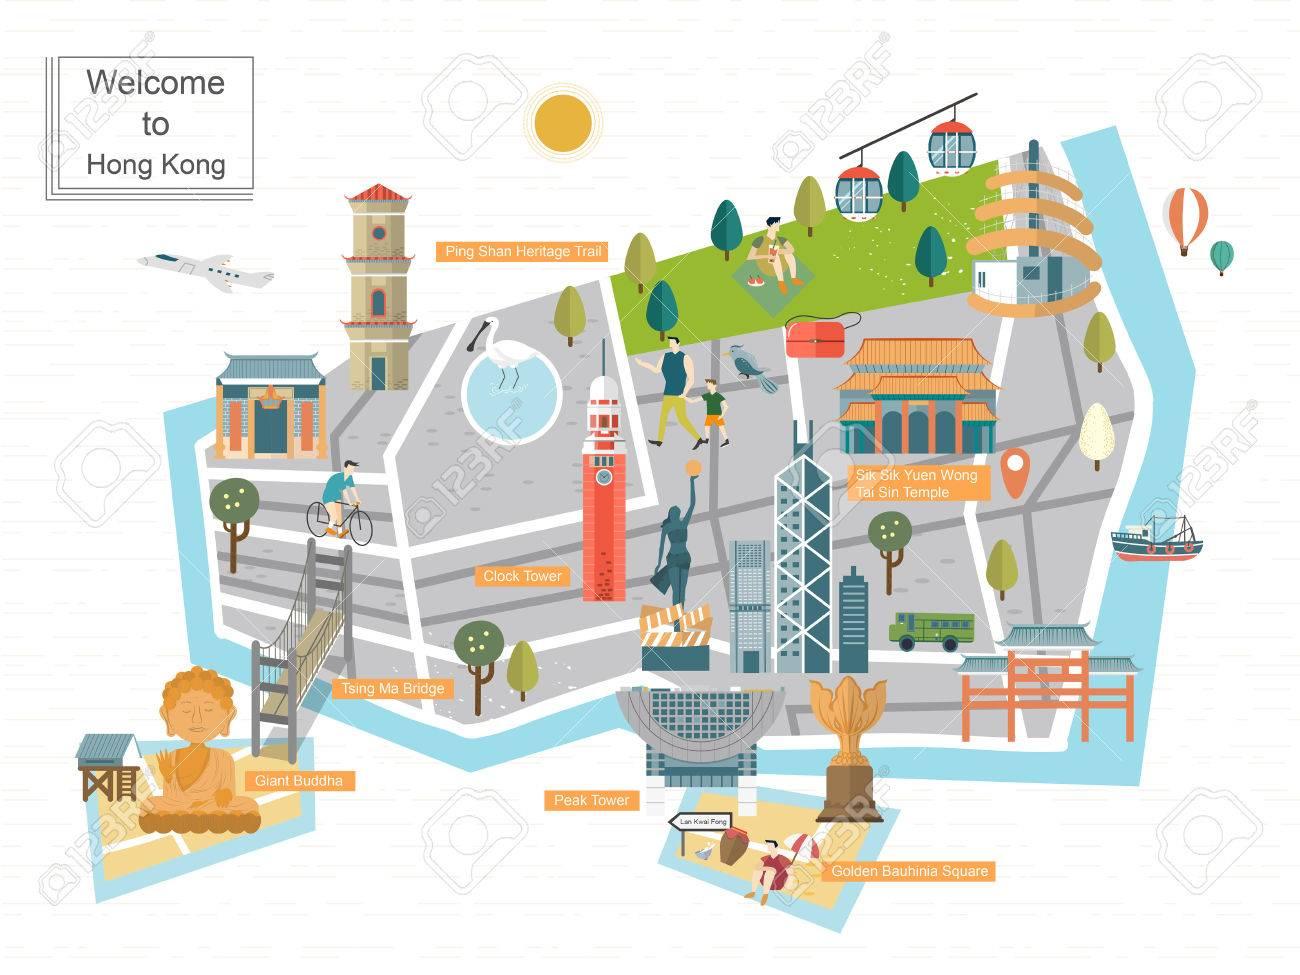 おしゃれな香港旅行フラット デザインのコンセプト マップ ロイヤリティ